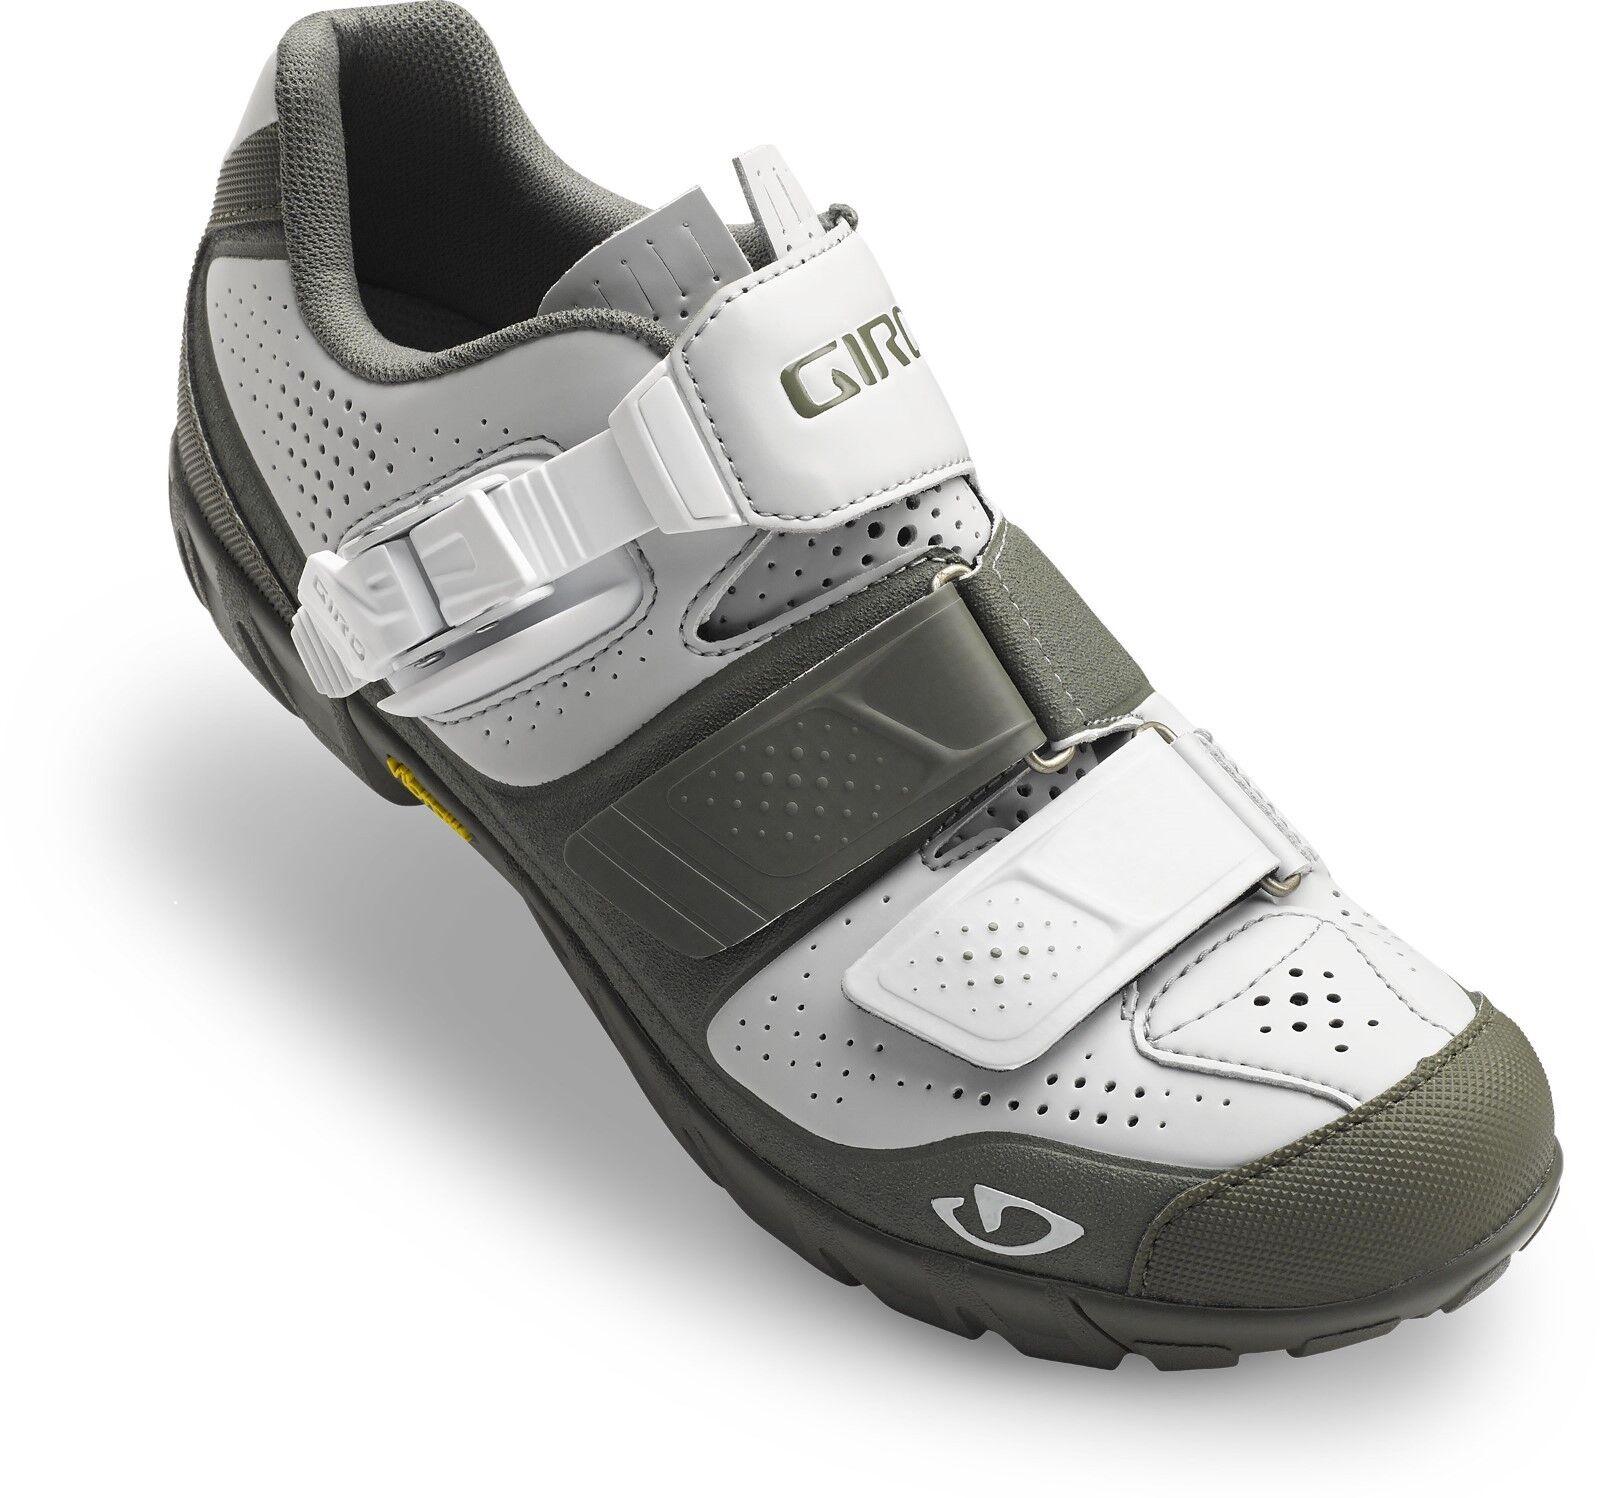 Para Mujer Giro Terradura Glacier gris  Tamaño 6.5US 37.5EU, 5US 36EU Zapatos de ciclismo  barato en alta calidad